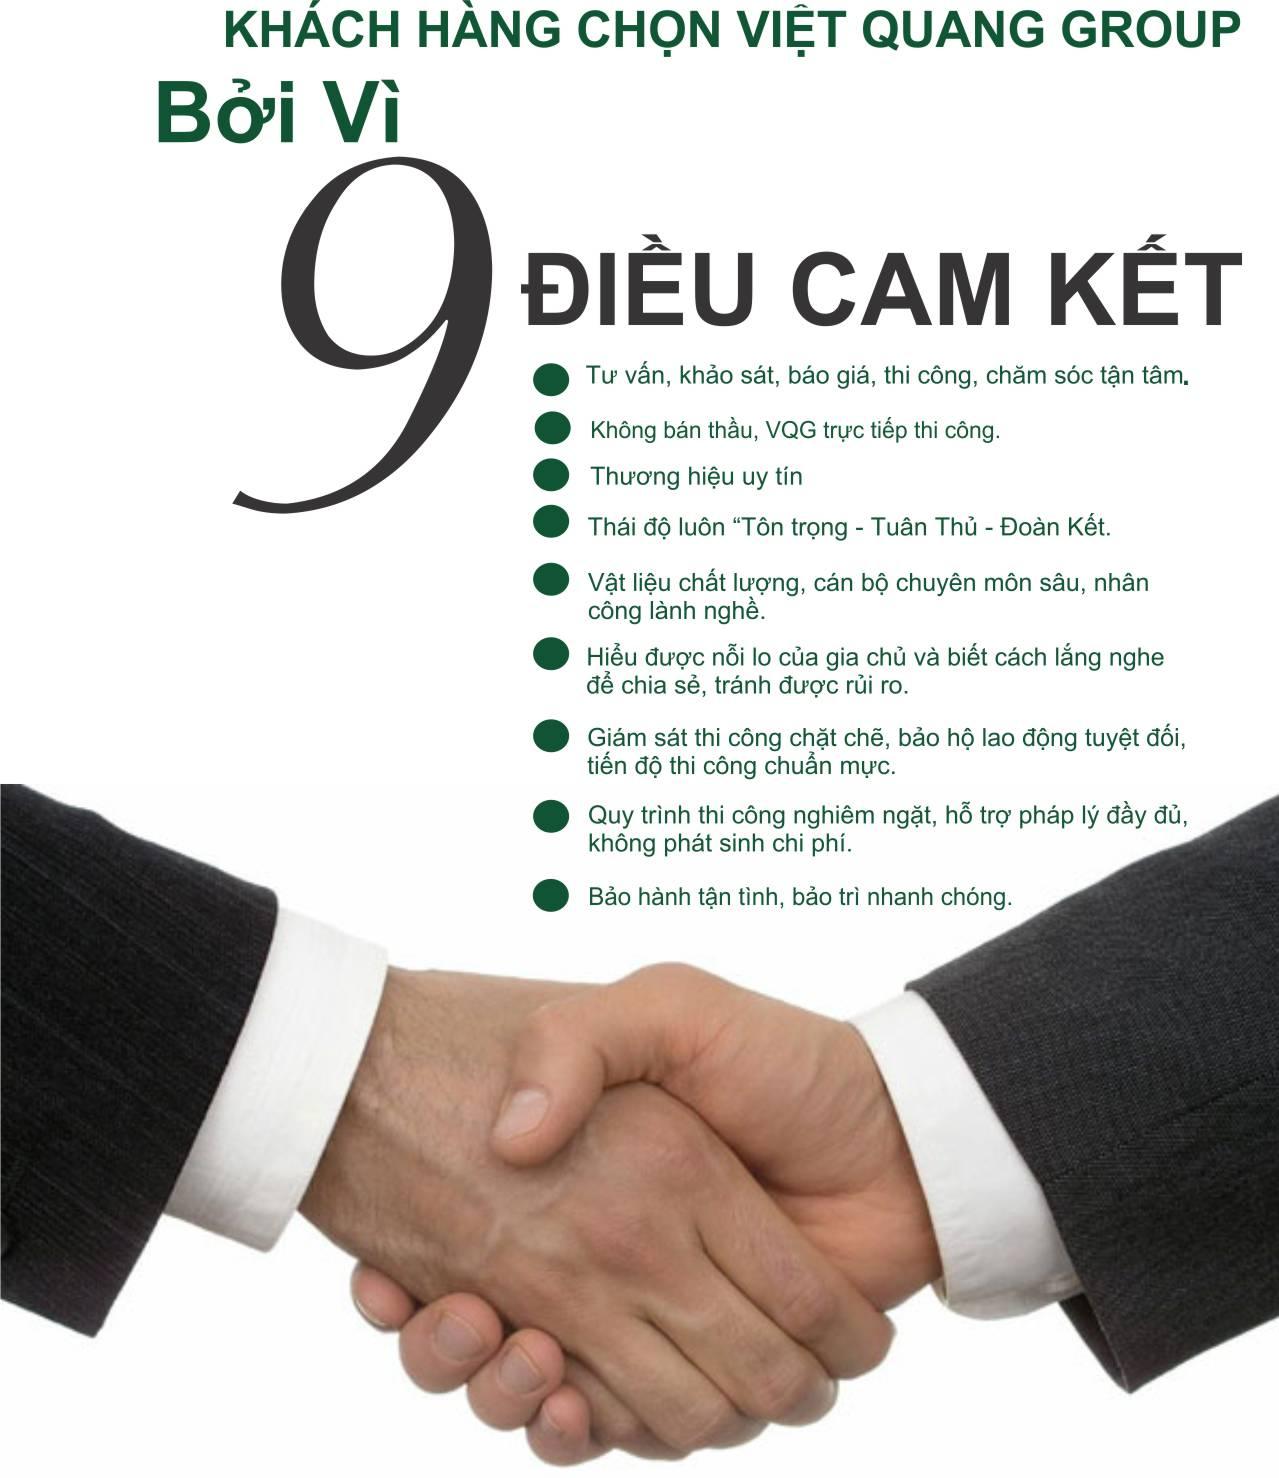 cam-ket-cua-viet-quang